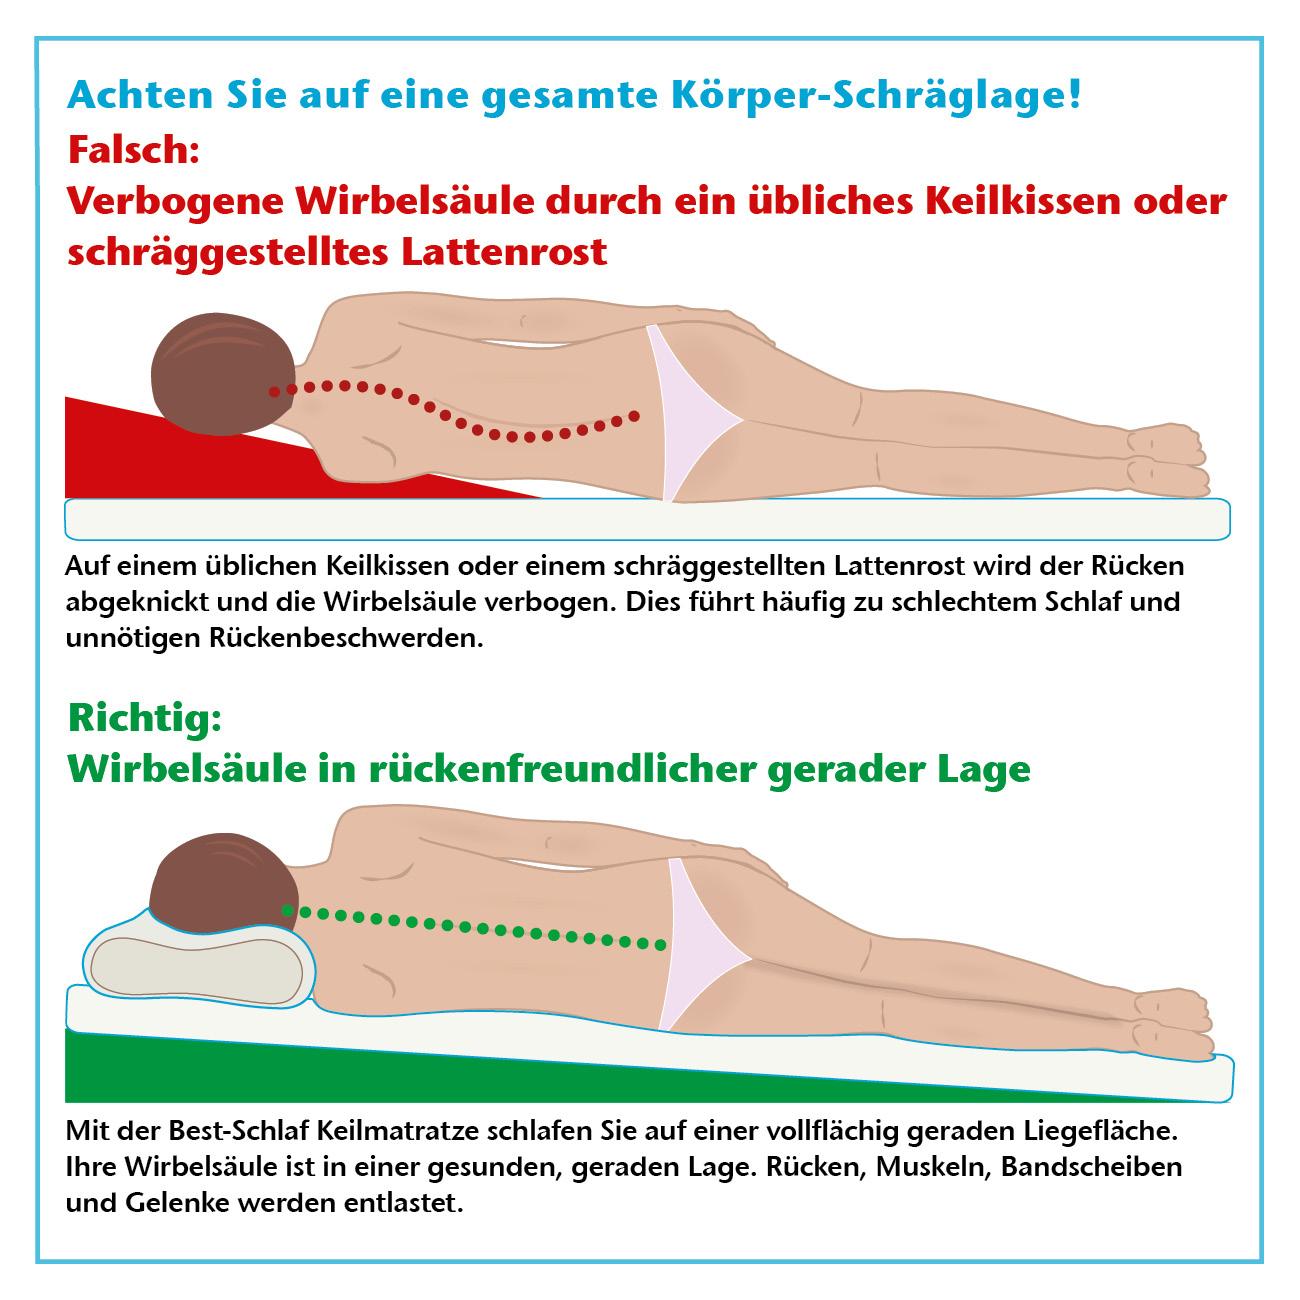 Eine gesamte Körper-Schräglage ist wichtig! Trotz der wohltuenden Oberkörpererhöhung werden Rücken und Wirbelsäule nicht gekrümmt.